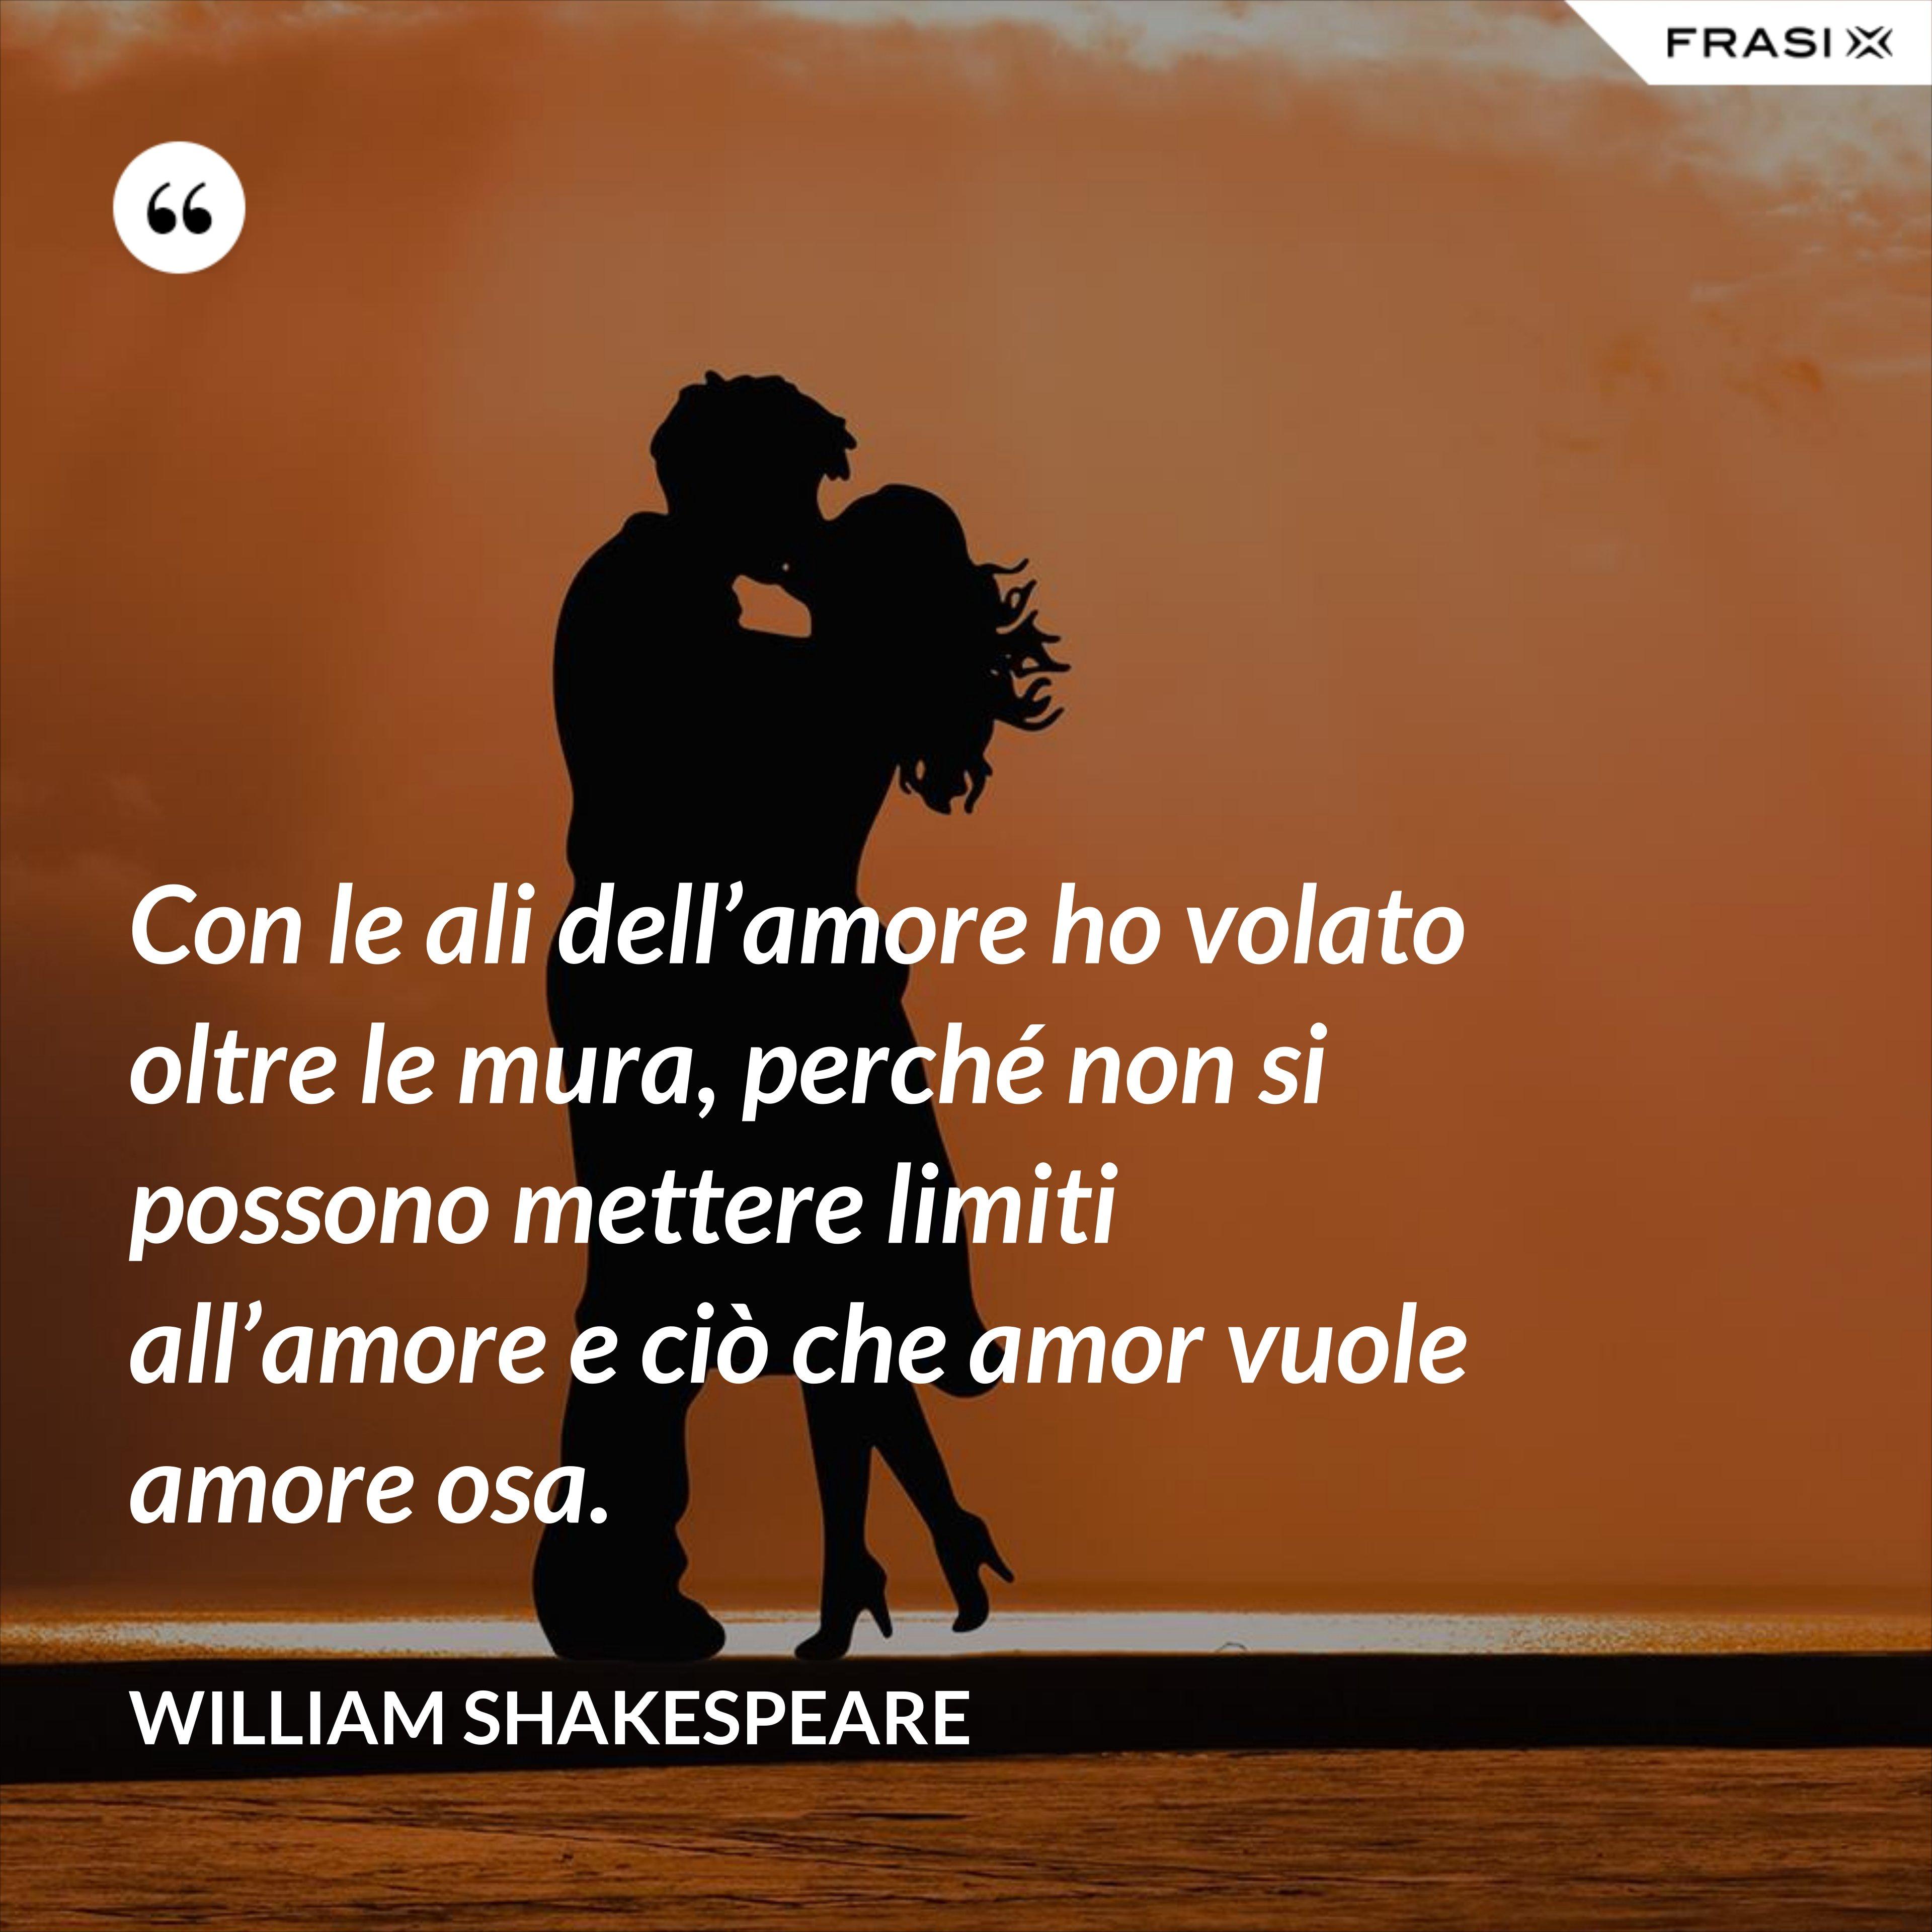 Con le ali dell'amore ho volato oltre le mura, perché non si possono mettere limiti all'amore e ciò che amor vuole amore osa. - William Shakespeare